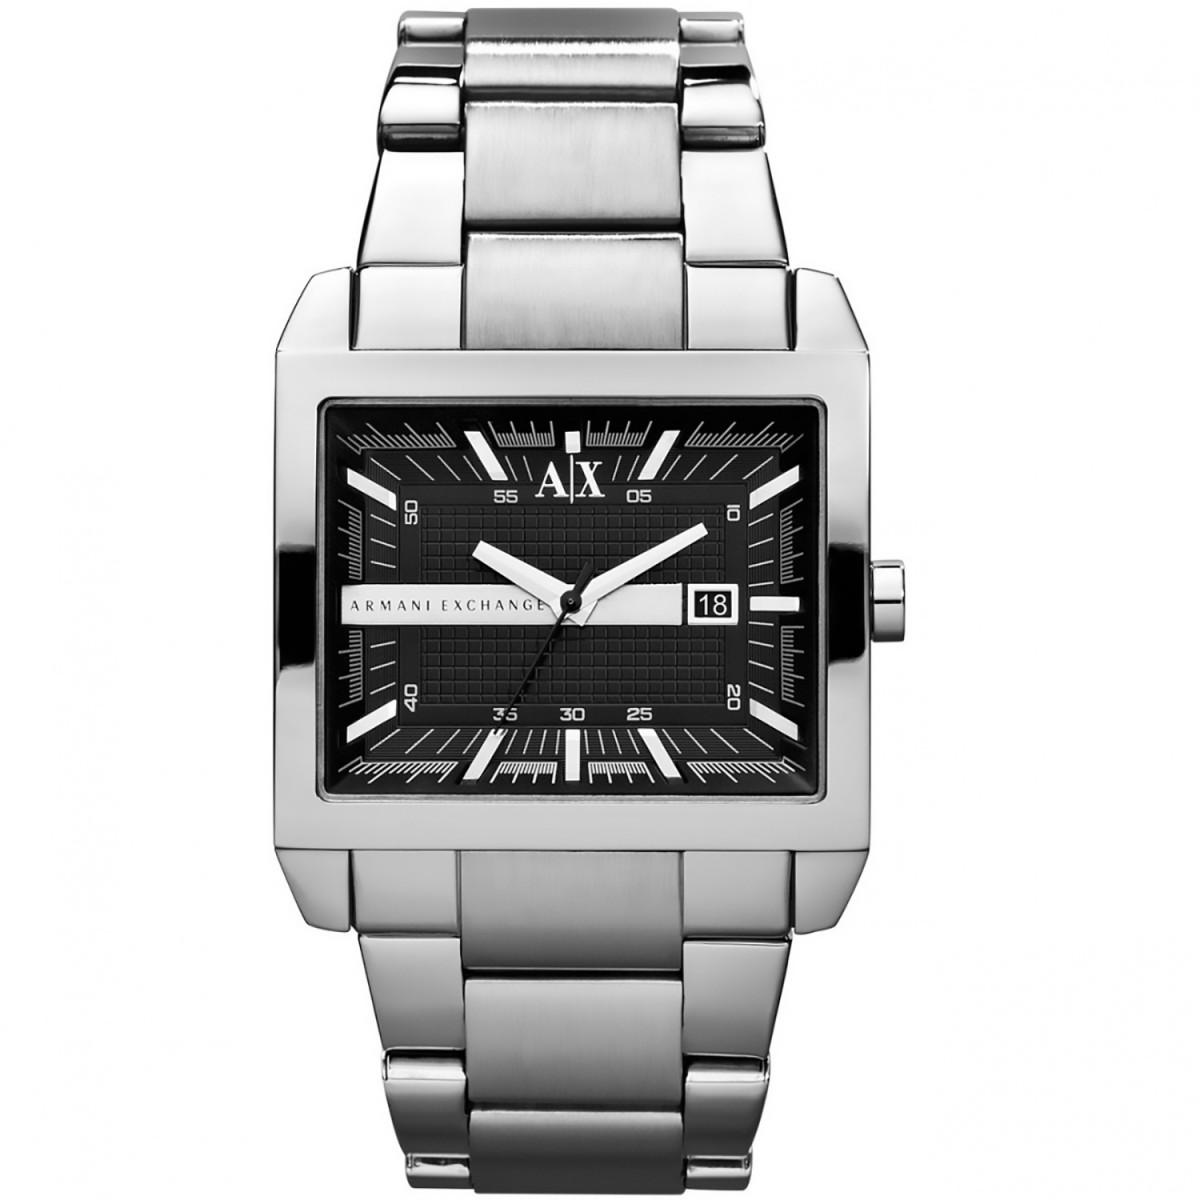 0f7d510e072 Compre Relógio Armani Exchange em 10X